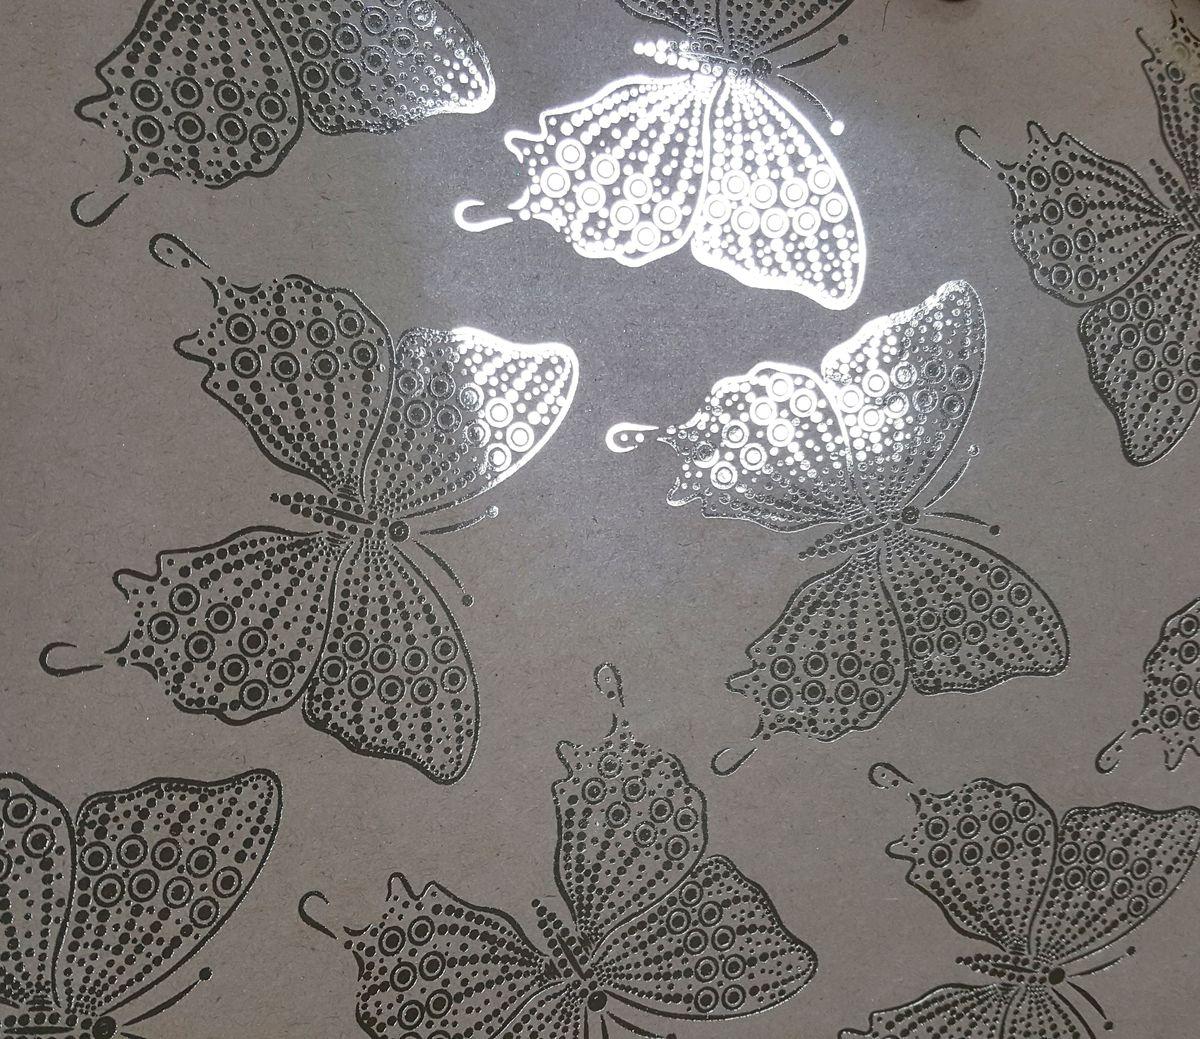 Крафт бумага Magic Time Золотые бабочки, немелованная, 100 х 70 см76683Крафт бумага для сувенирной продукции ЗОЛОТЫЕ БАБОЧКИ от Magic Time - это стильный и практичный вариант упаковки подарка. Авторский дизайн, красочное изображение, тематический рисунок - все слагаемые оригинального оформления подарка. Окружите близких людей вниманием и заботой, эффектно вручив презент в нарядном, праздничном оформлении.